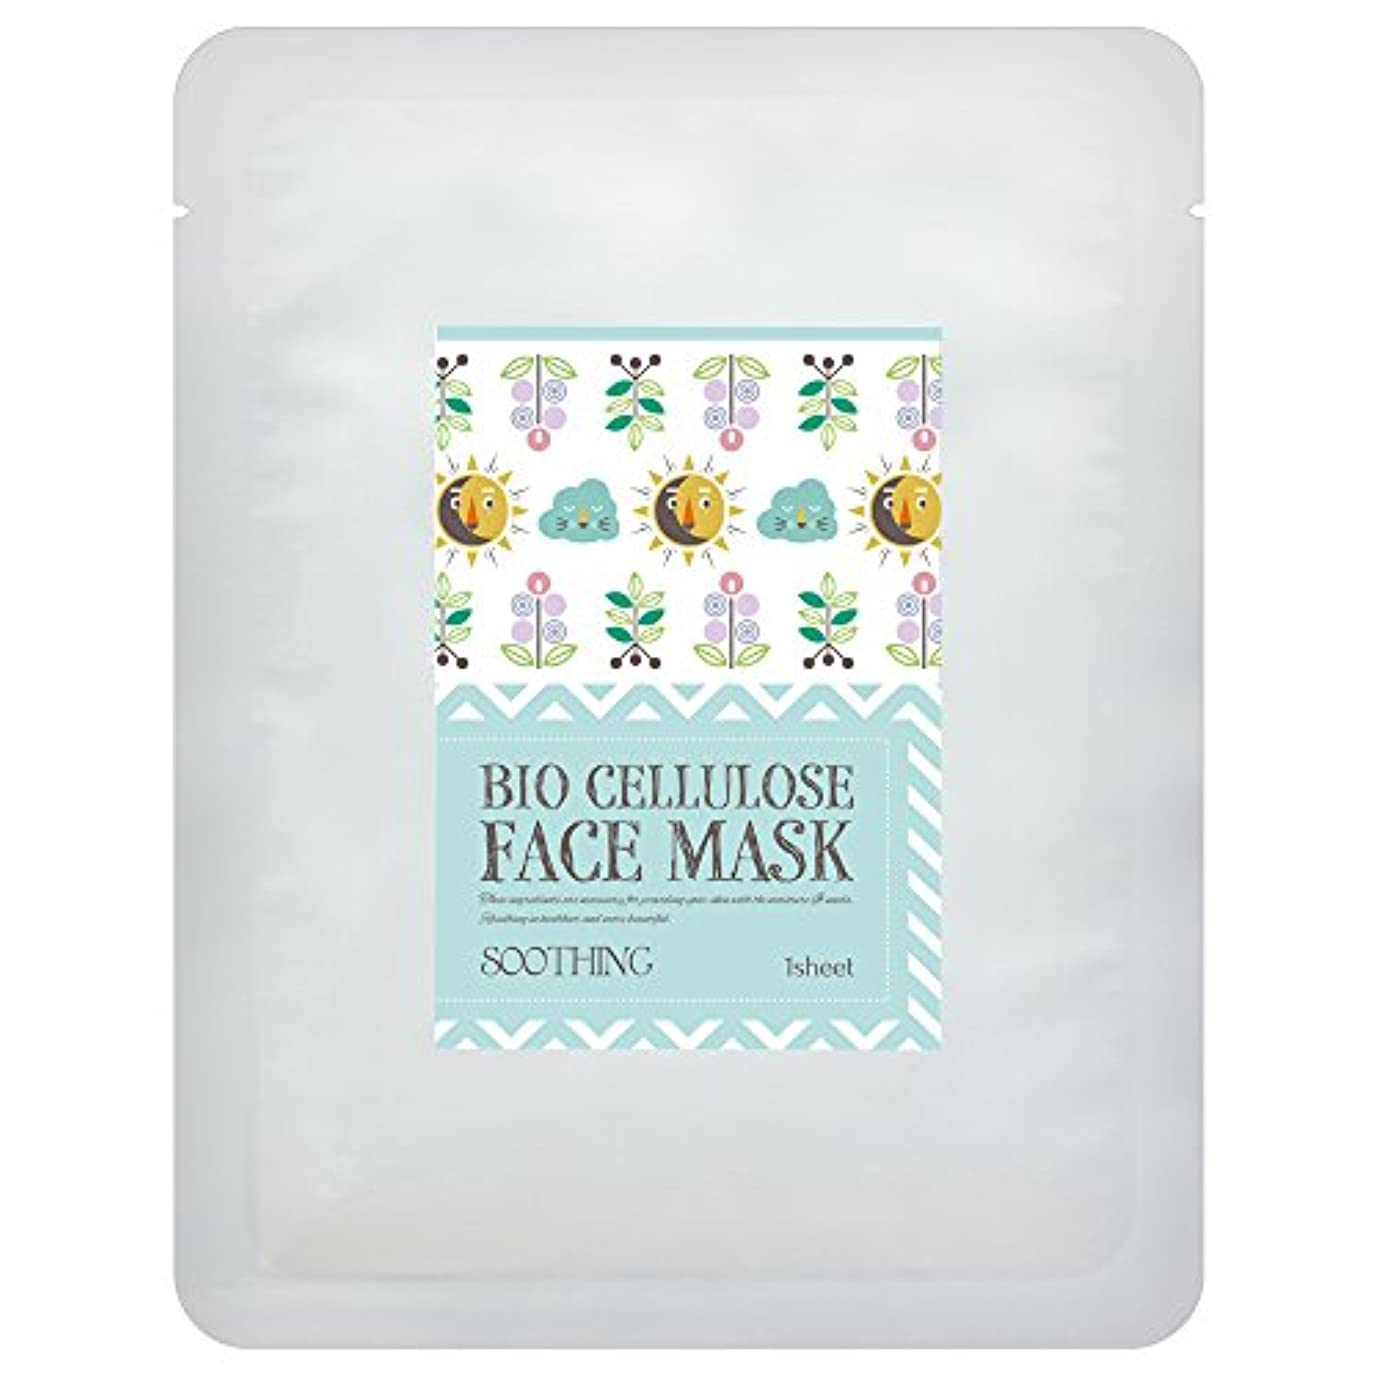 とにかく結晶走る日本製バイオセルロース フェイスマスク SOOTHING(引き締め) 1枚